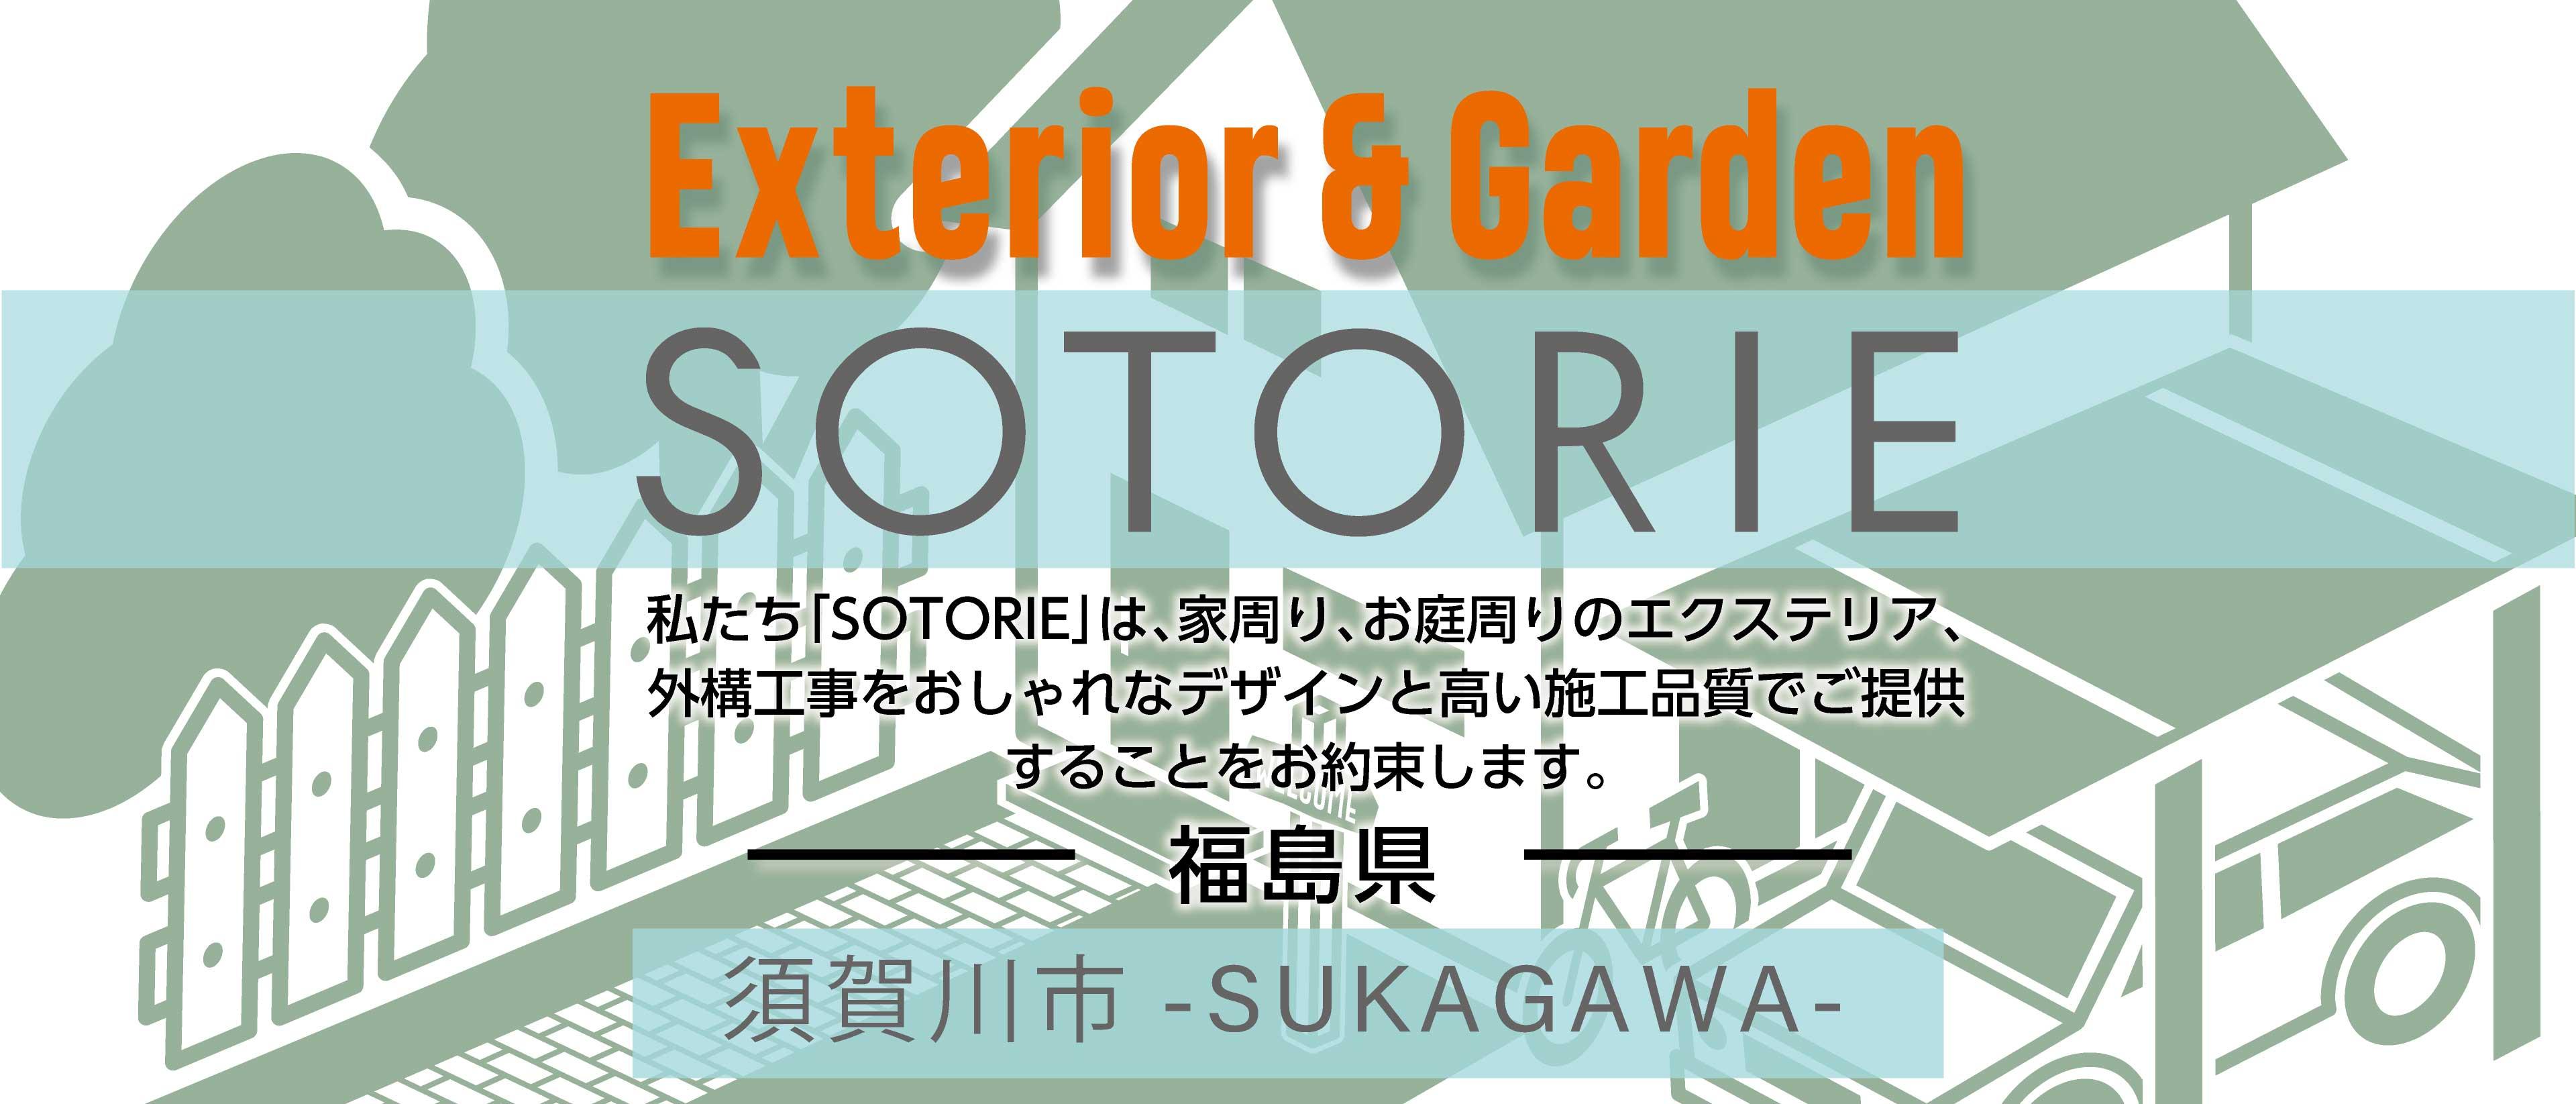 ソトリエ須賀川市では、家周りと庭周りの外構、エクステリア工事をおしゃれなデザインと高い施工品質でご提供することをお約束します。